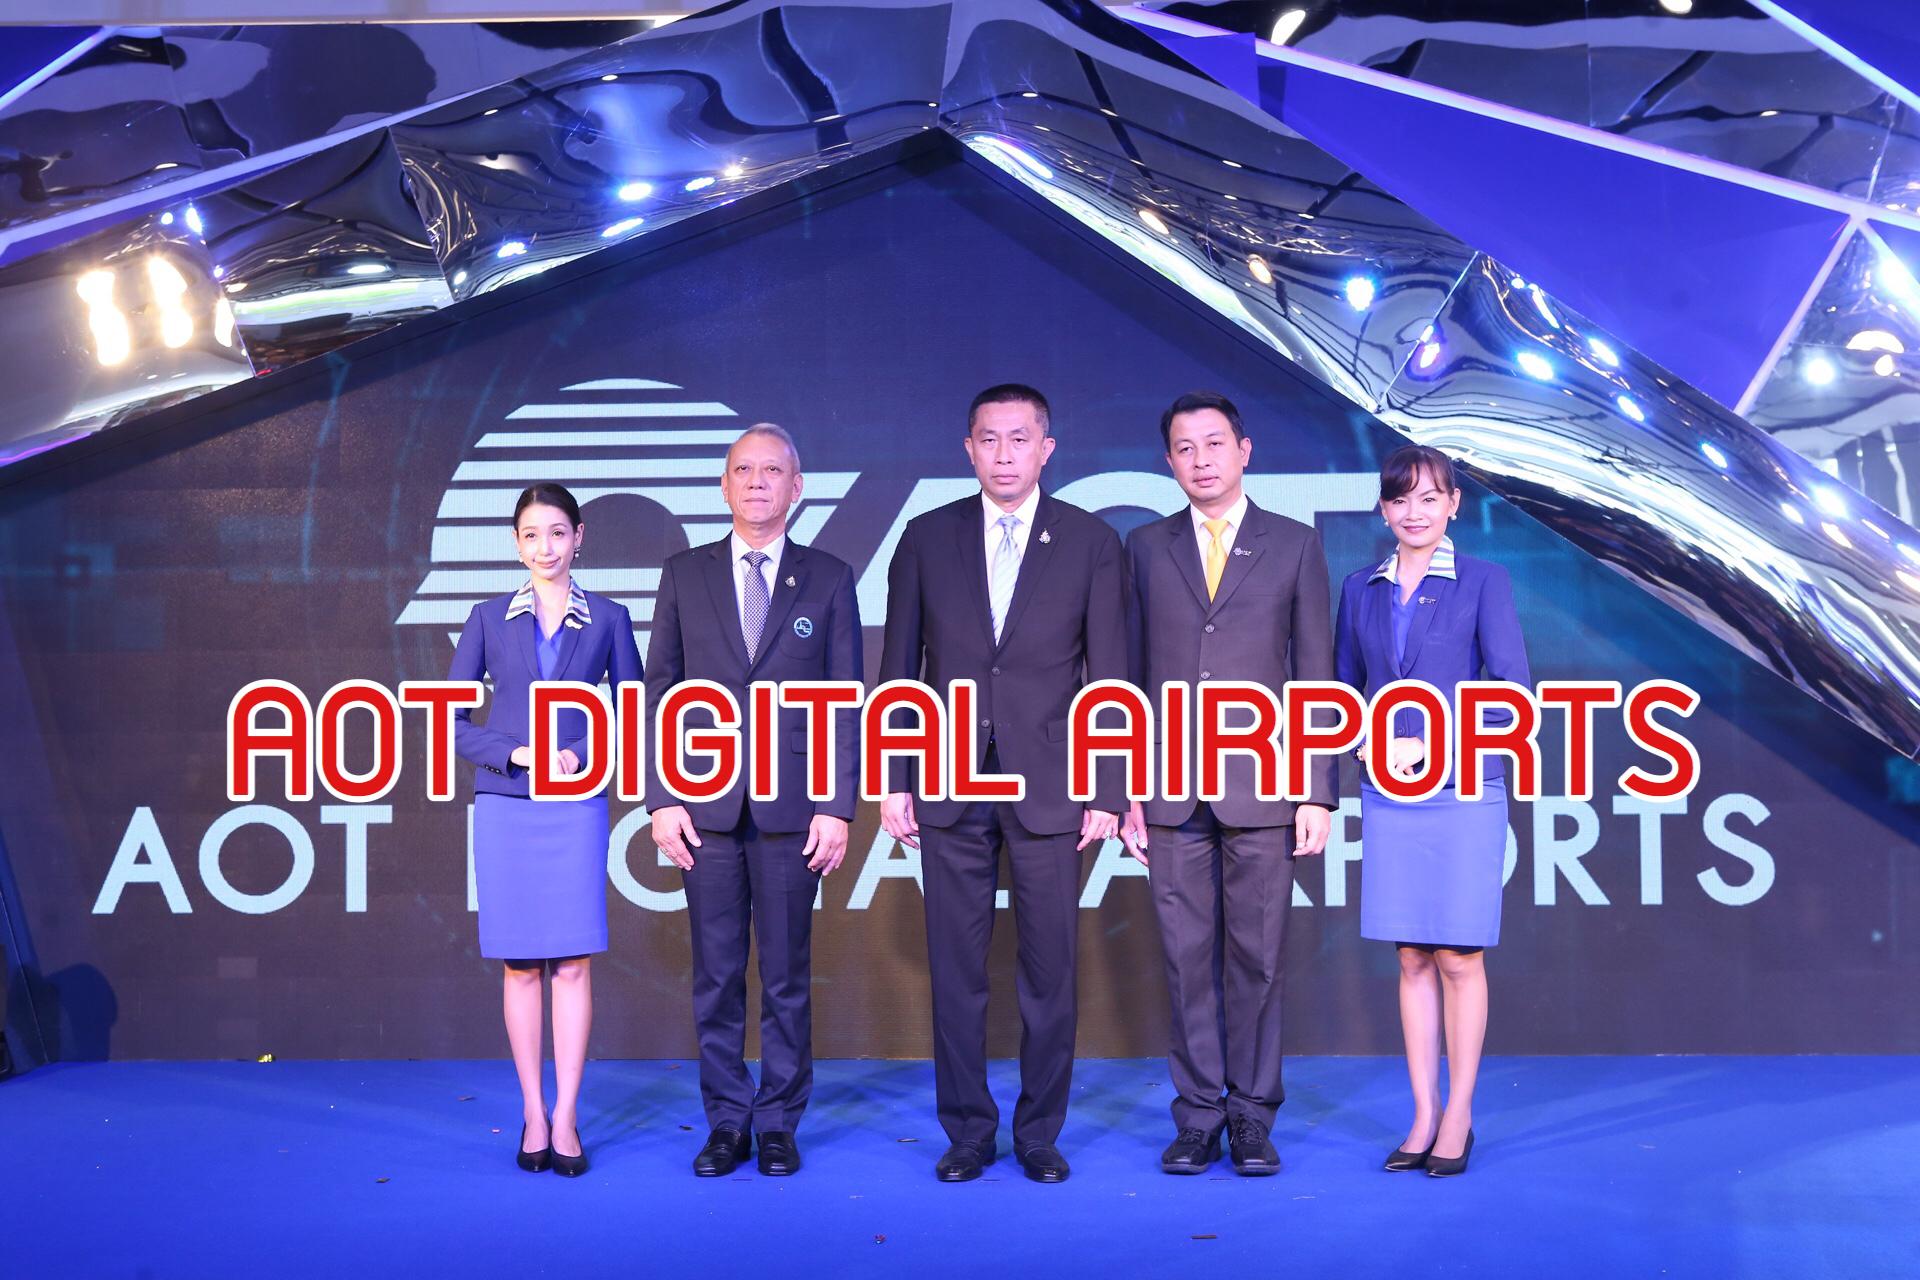 เปิดแล้ว! AOT DIGITAL AIRPORTS ขานรับนโยบายไทยแลนด์ 4.0 'ศักดิ์สยาม' ลั่น 'คมนาคมยุคใหม่ เน้นให้บริการแบบทันสมัย'